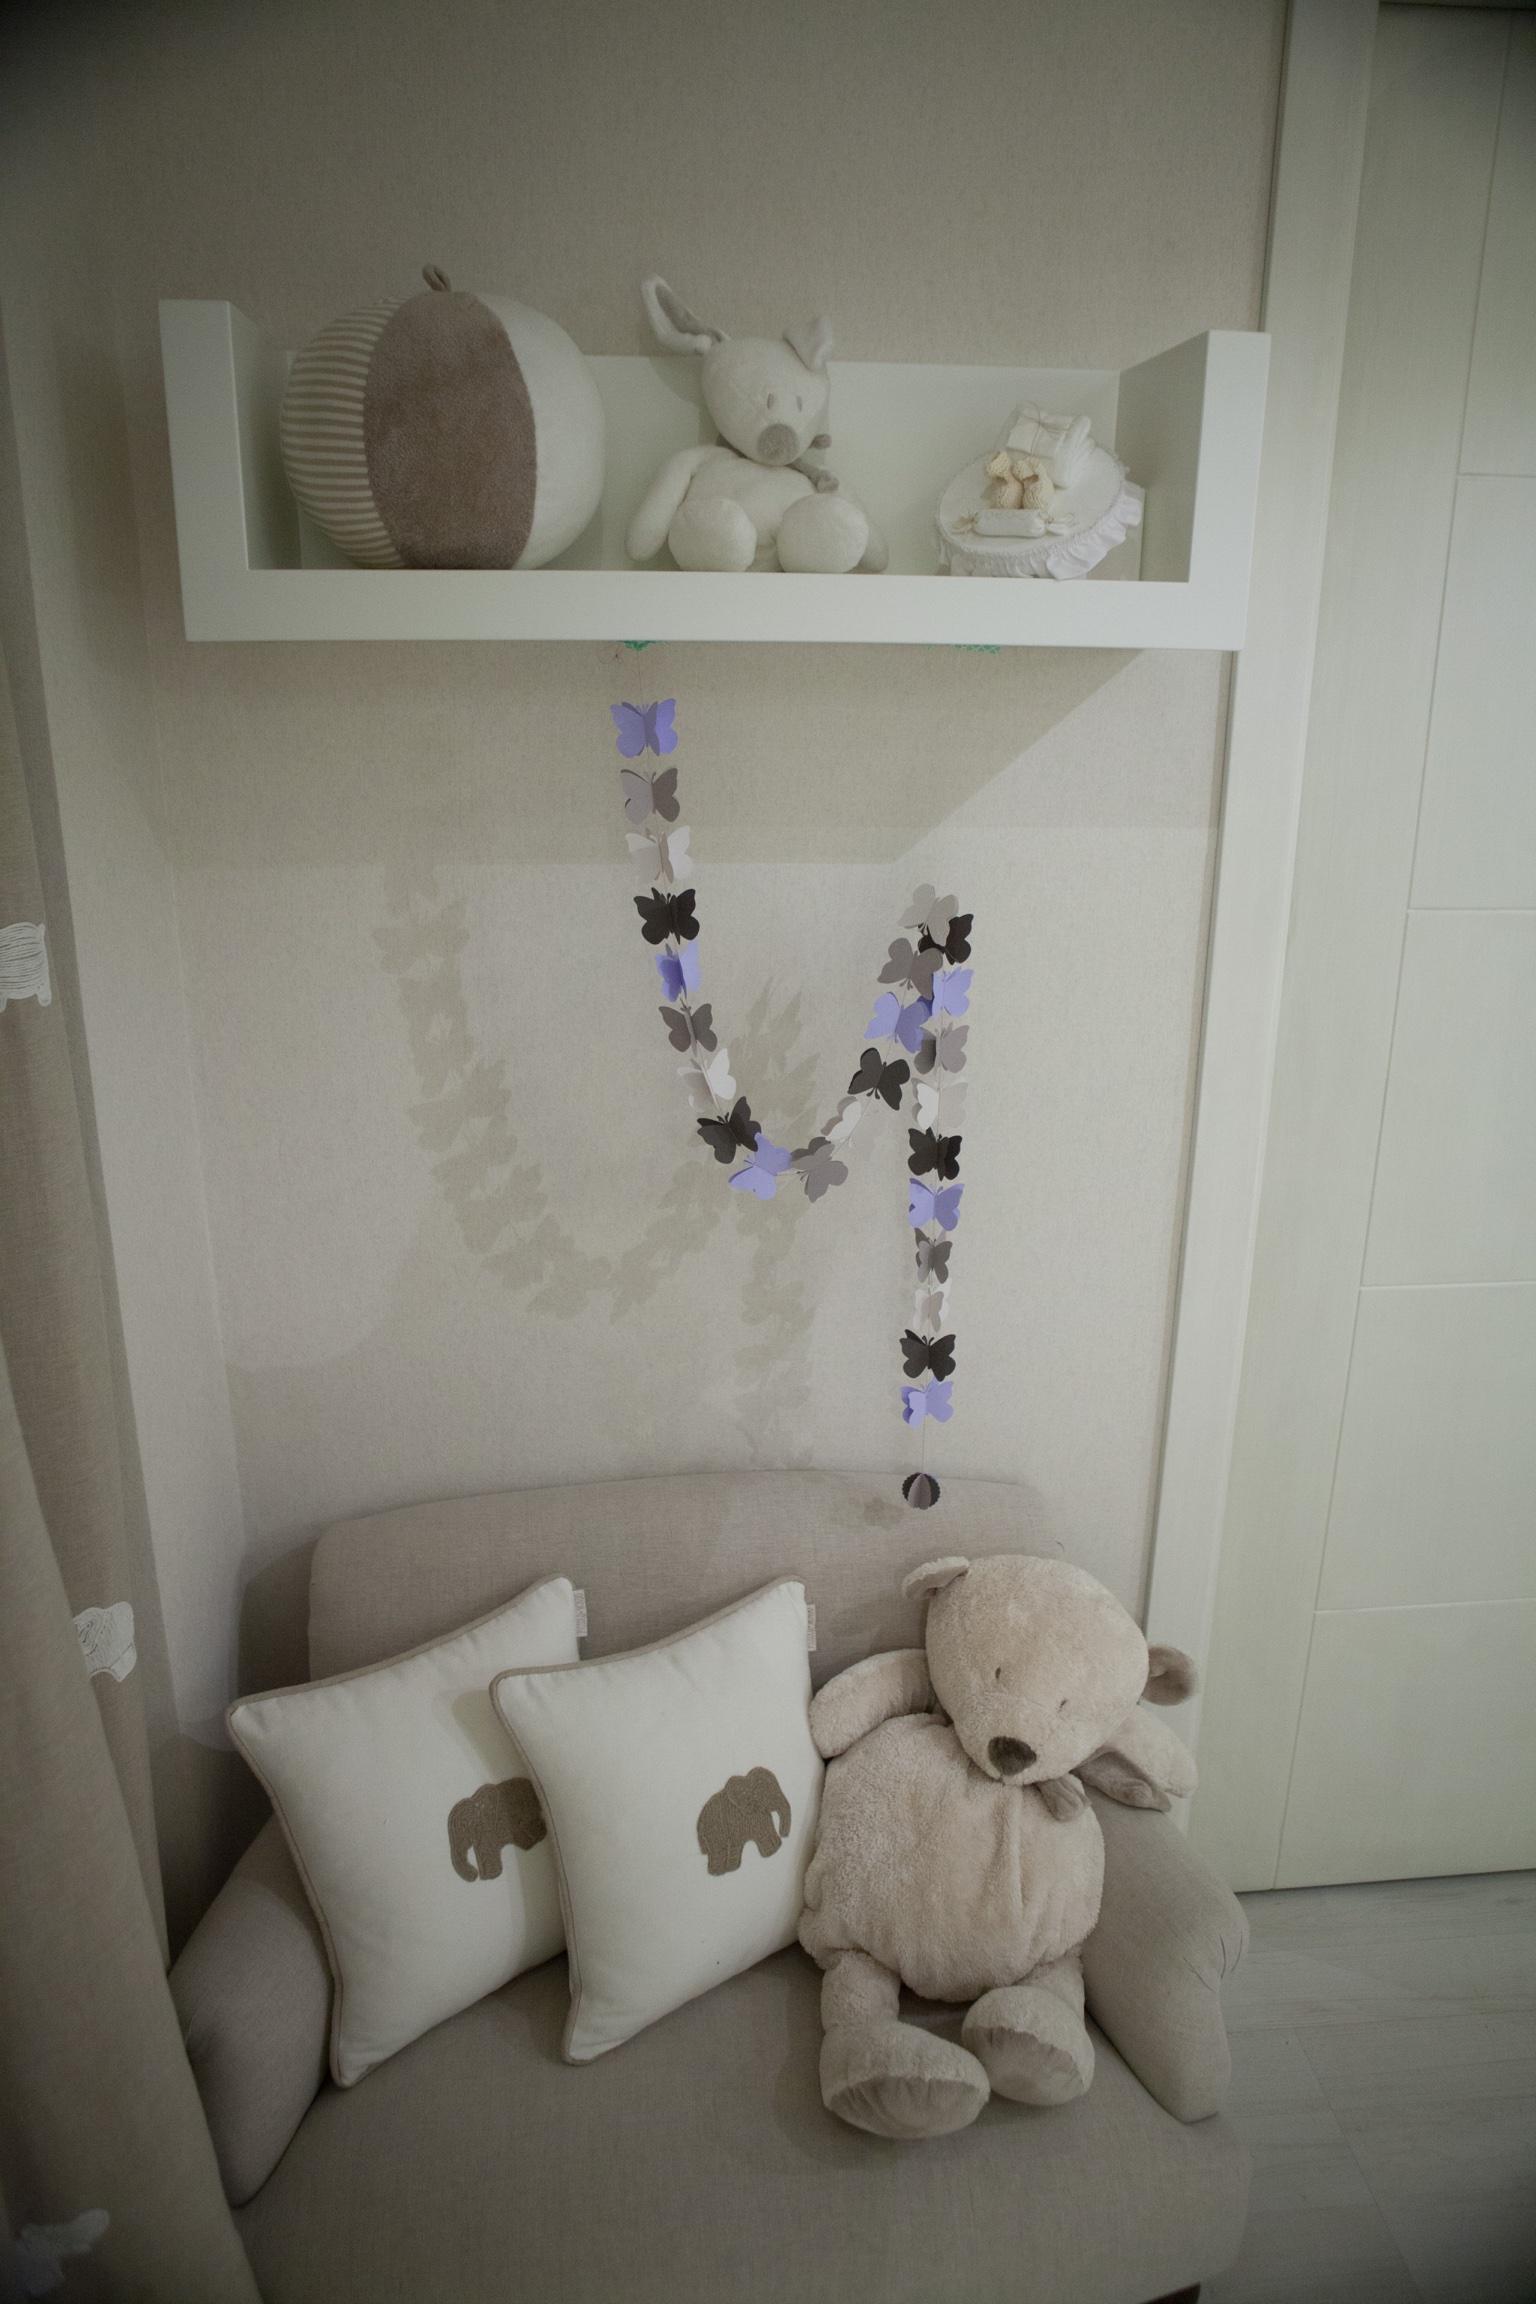 Mola mola piccolo mondo mola mola - Piccolo mondo mobiliario infantil ...